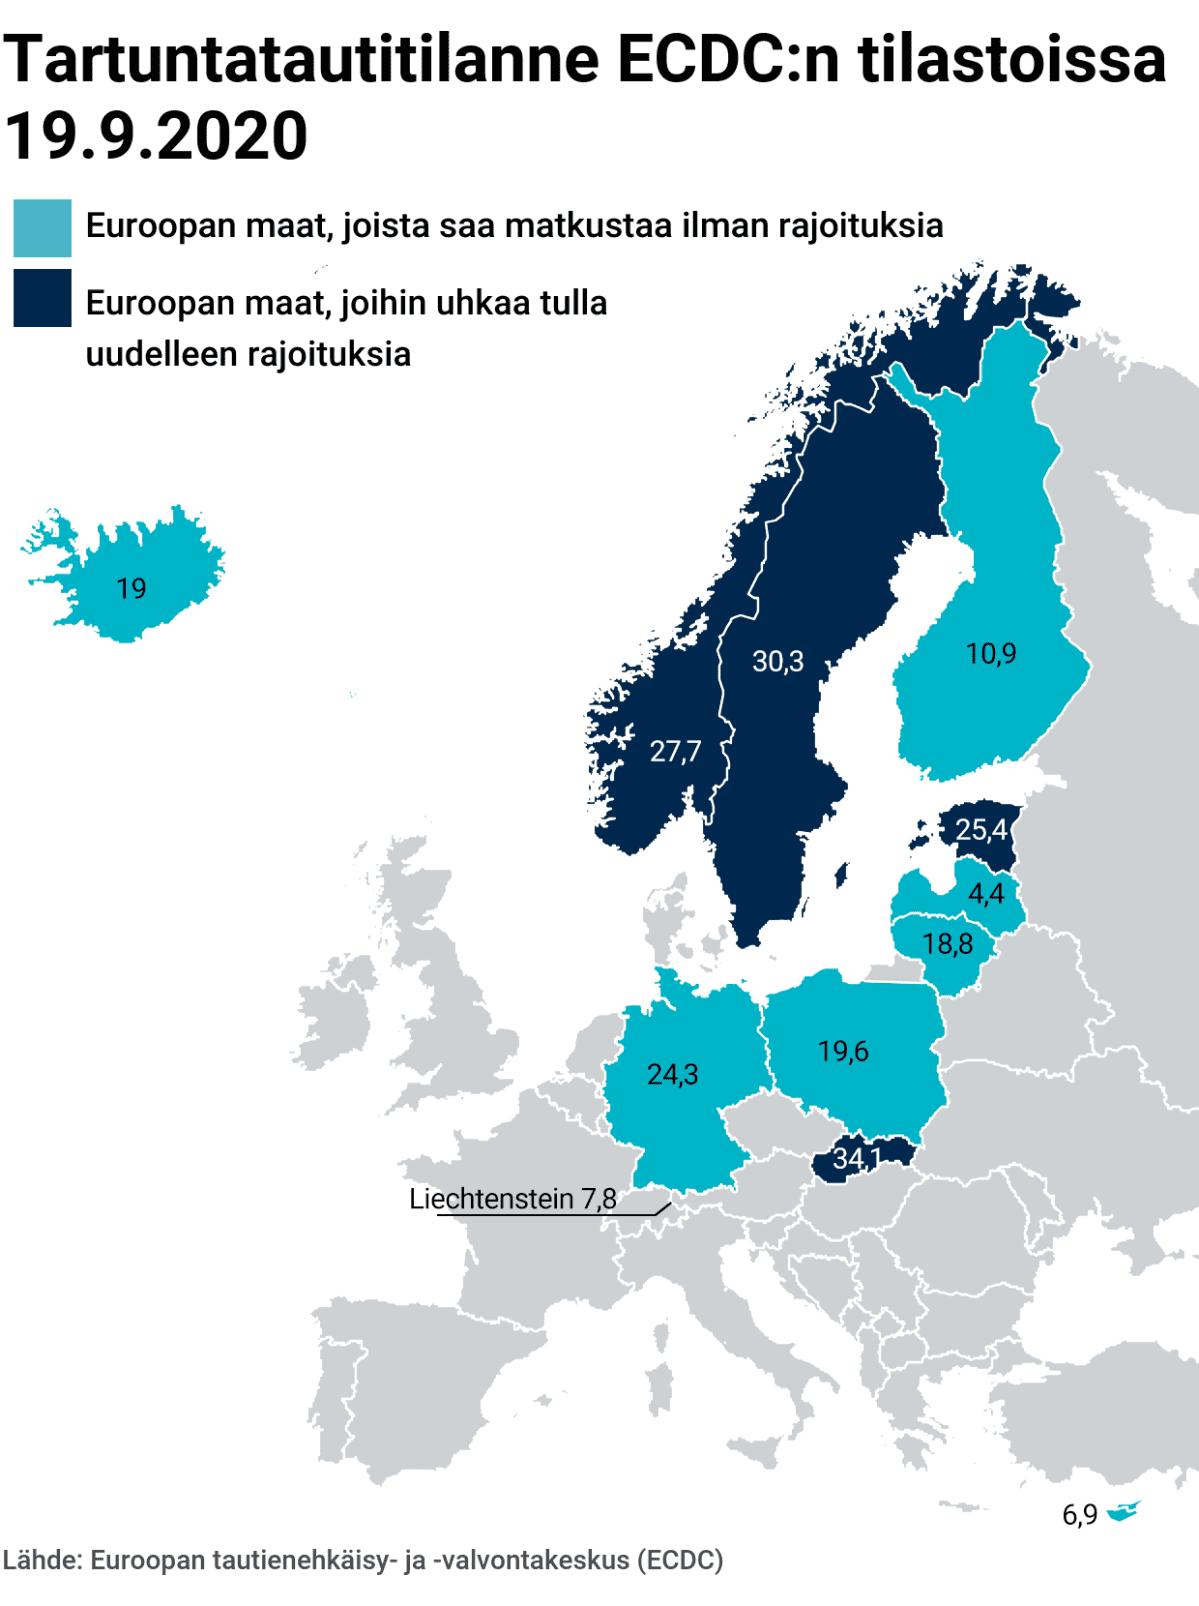 Kartta: Tartuntatautitilanne ECDC:n tilastoissa 19.9.2020  Euroopan maat, joista saa matkustaa ilman rajoituksia: Islanti 19 Saksa 24,3 Puola 19,6 Suomi 10, 9 Kypros 6,9 Liechtensteinin  7,8 Latvia 4,4 Liettua 18,8  Euroopan maat, joihin uhkaa tulla uudelleen rajoituksia: Viro 25,4   Ruotsi 30,3 Norja 27,7 Slovakia 34,1